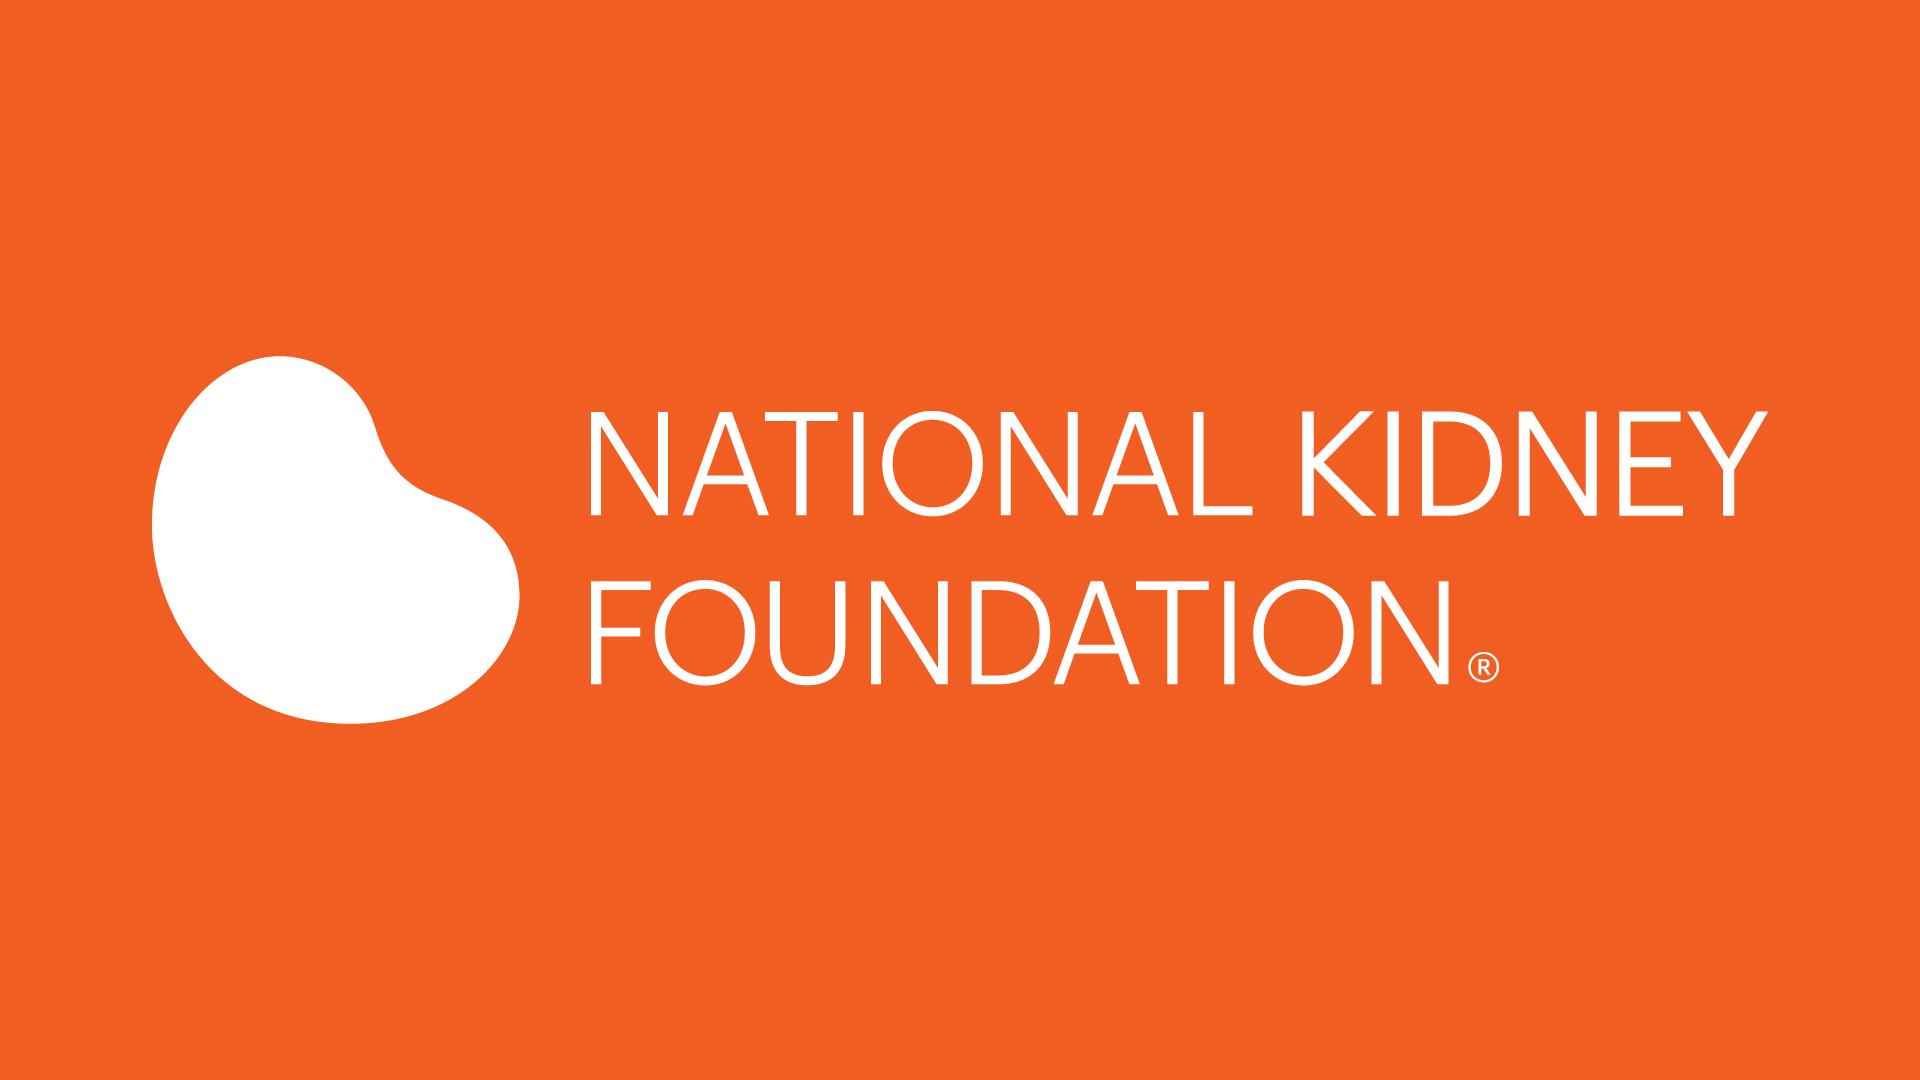 www.kidney.org